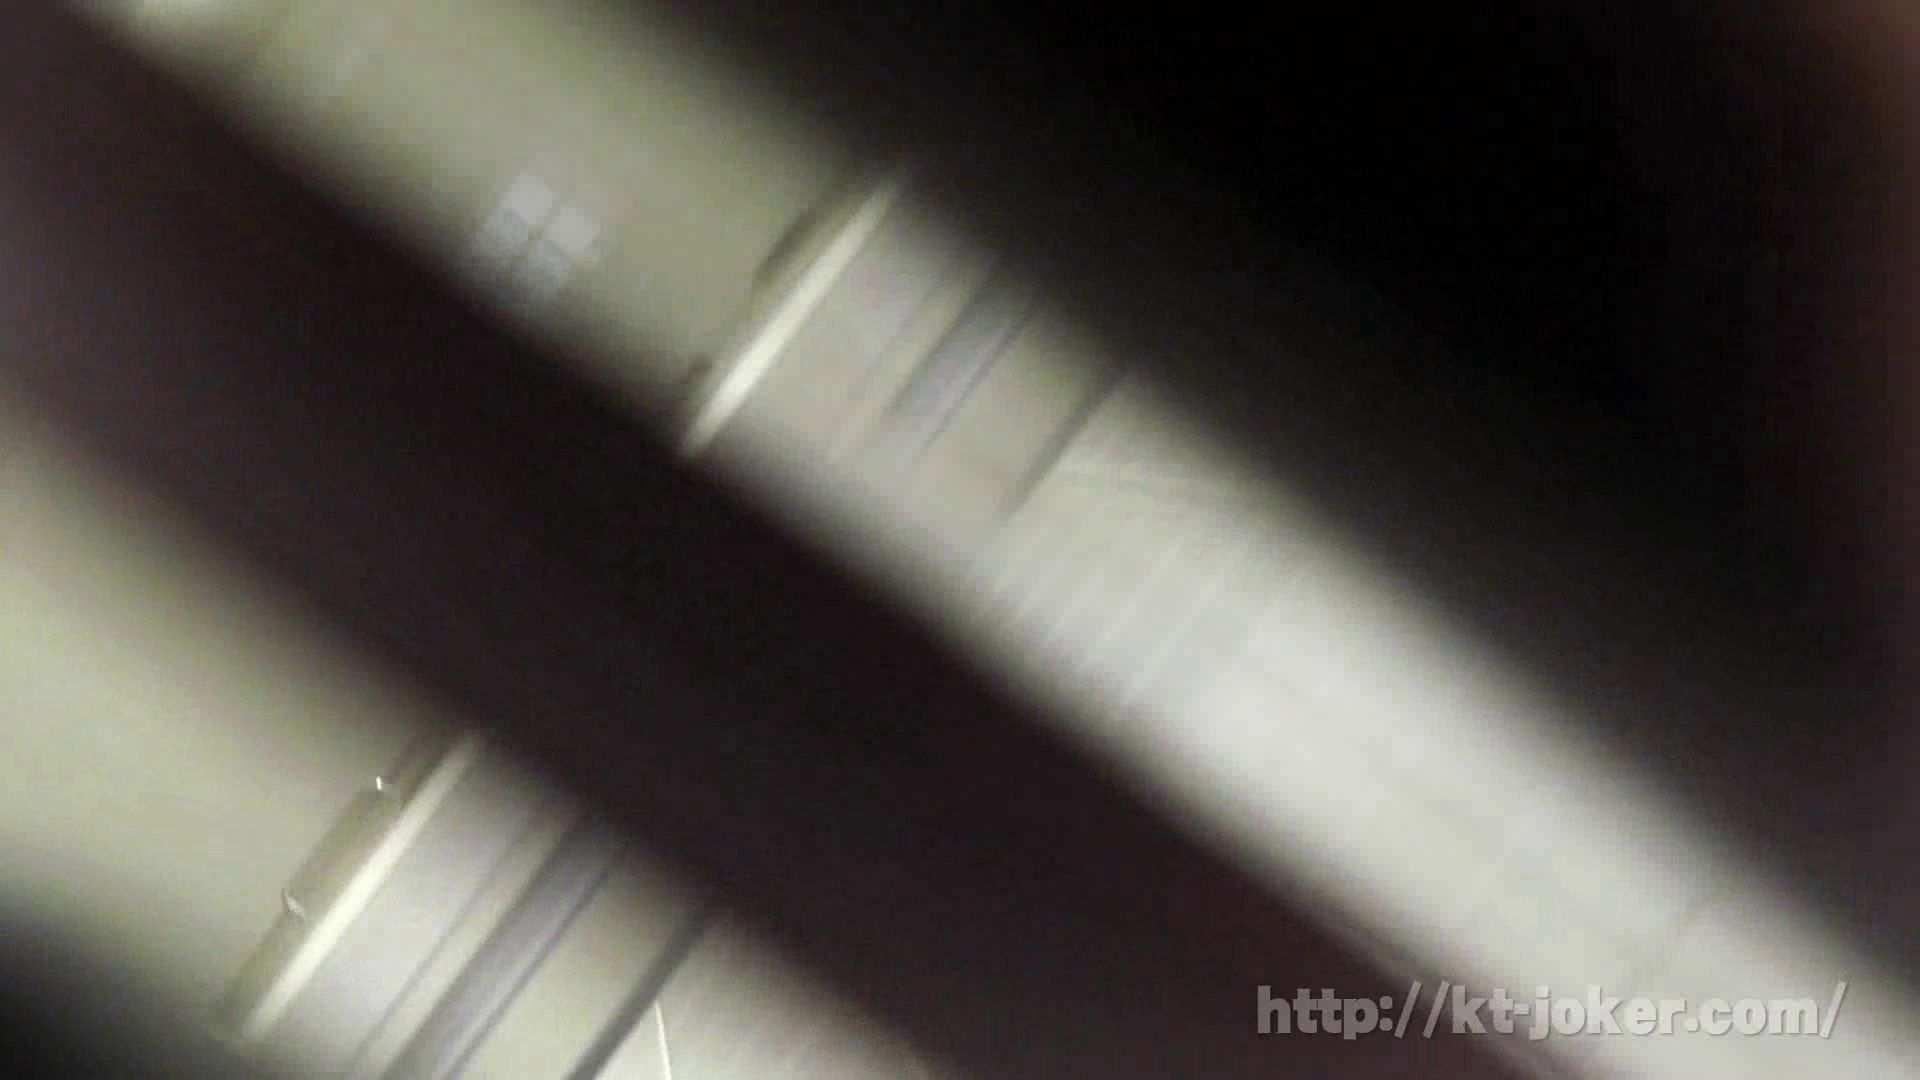 命がけ潜伏洗面所! vol.66 ナイスドアップ、外撮り!! 美女OL ぱこり動画紹介 73連発 53